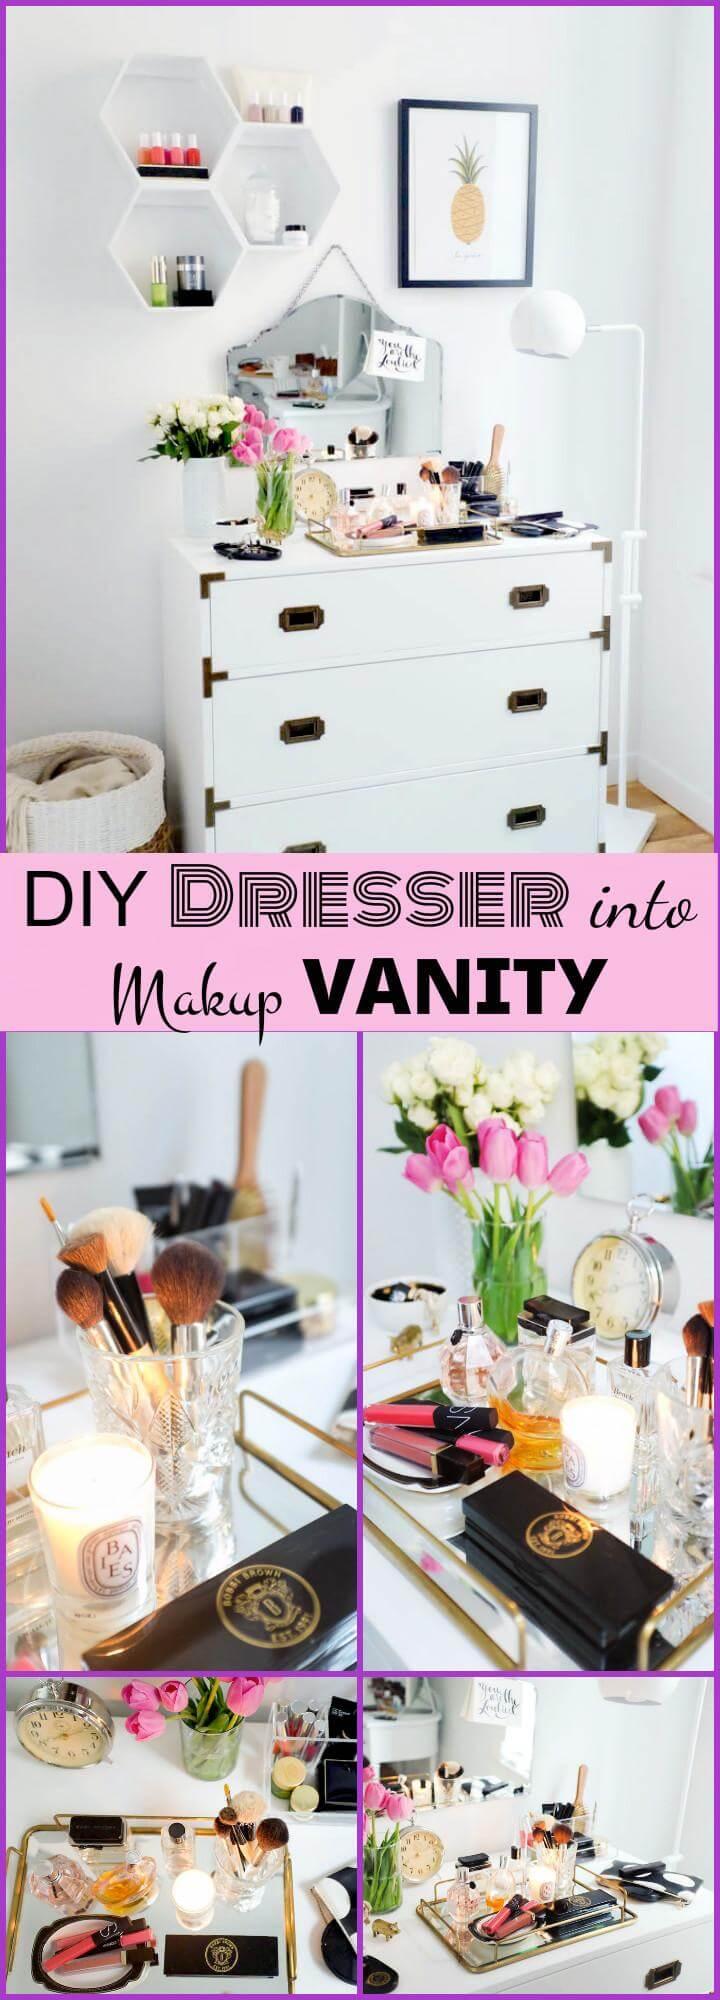 reclaimed old dresser into makeup vanity